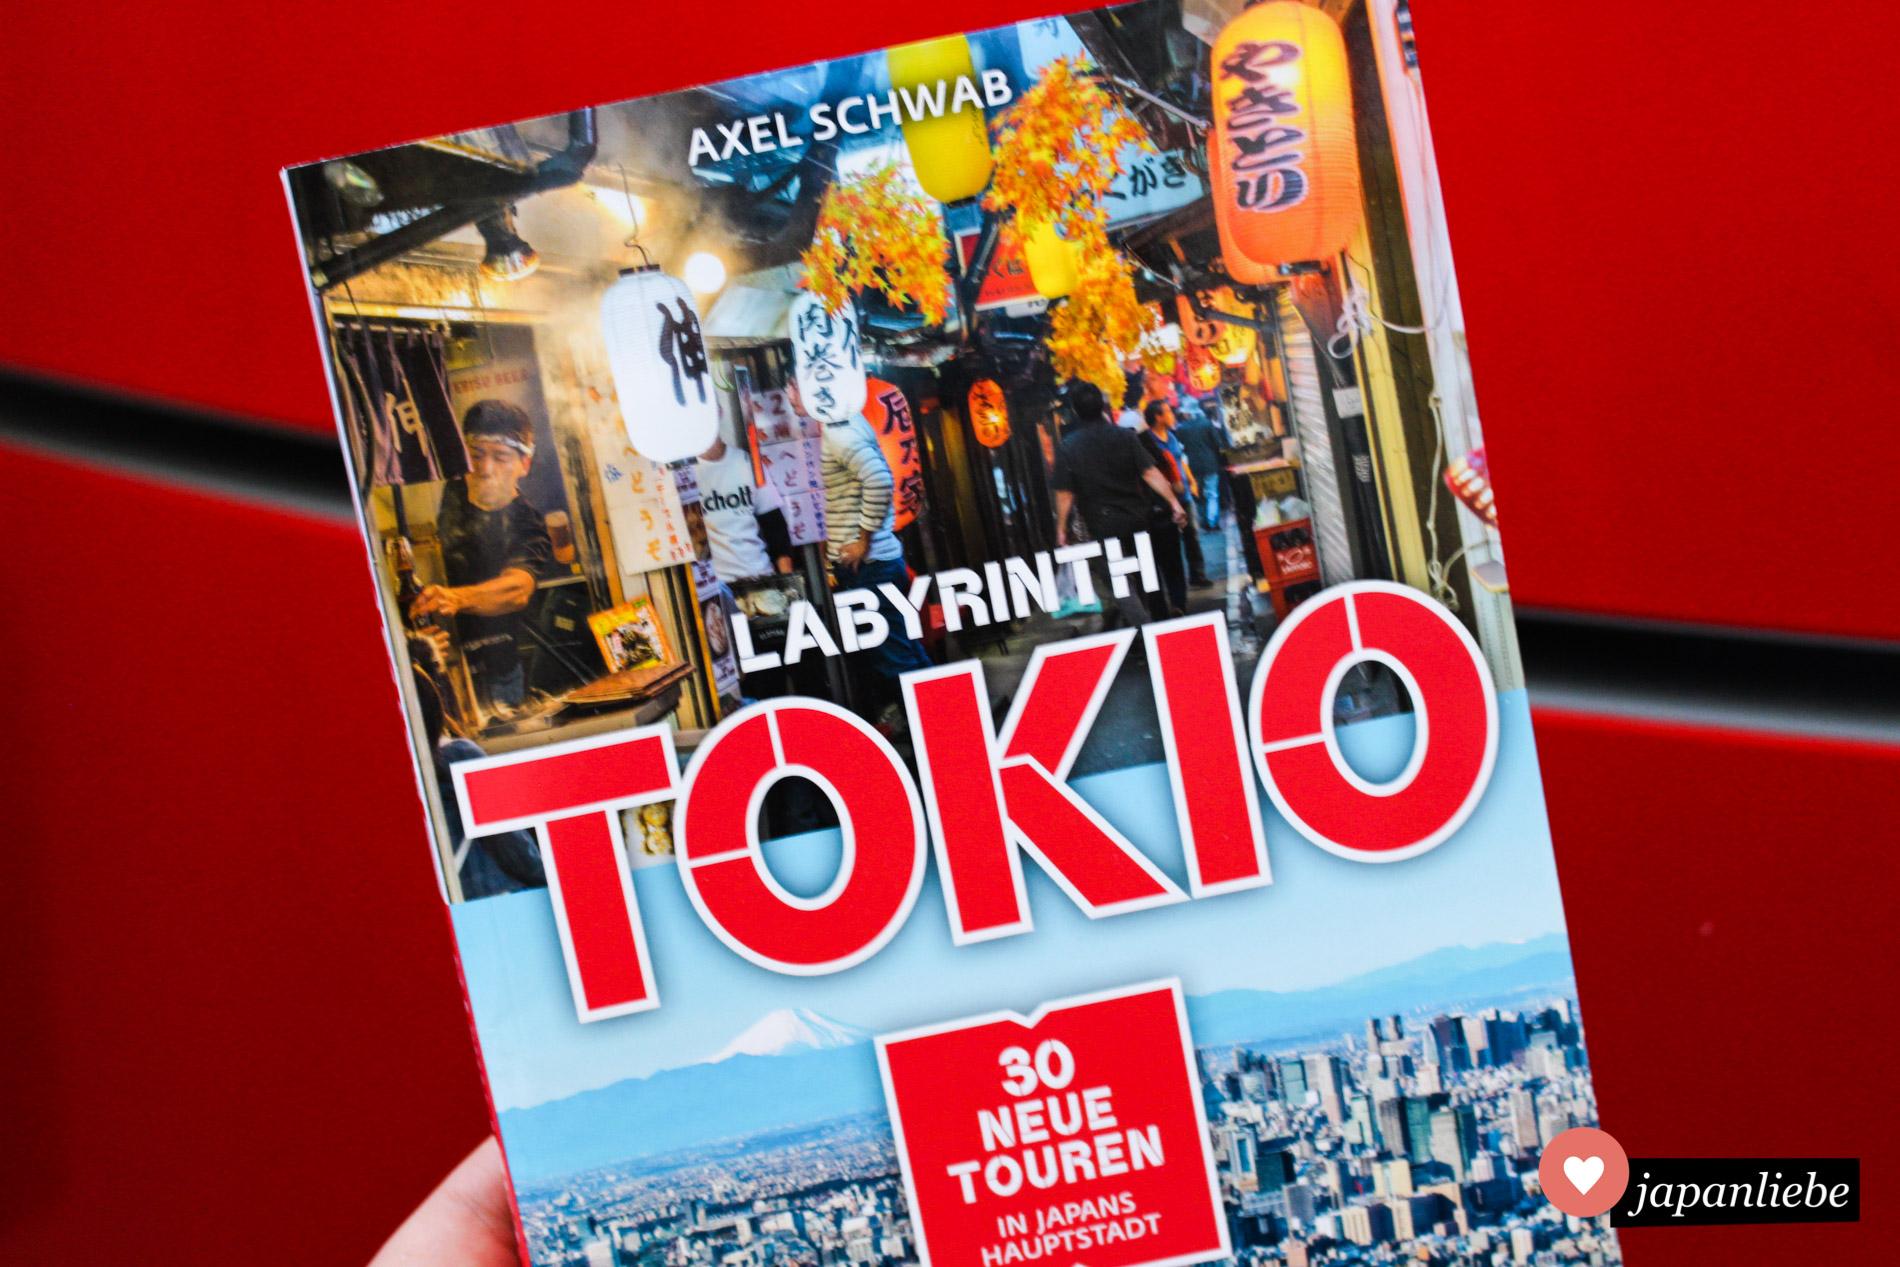 """Für Japan-Neulinge wie -profis eine klare Kaufempfehlung: """"Labyrinth Tokio"""" von Axel Schwab."""